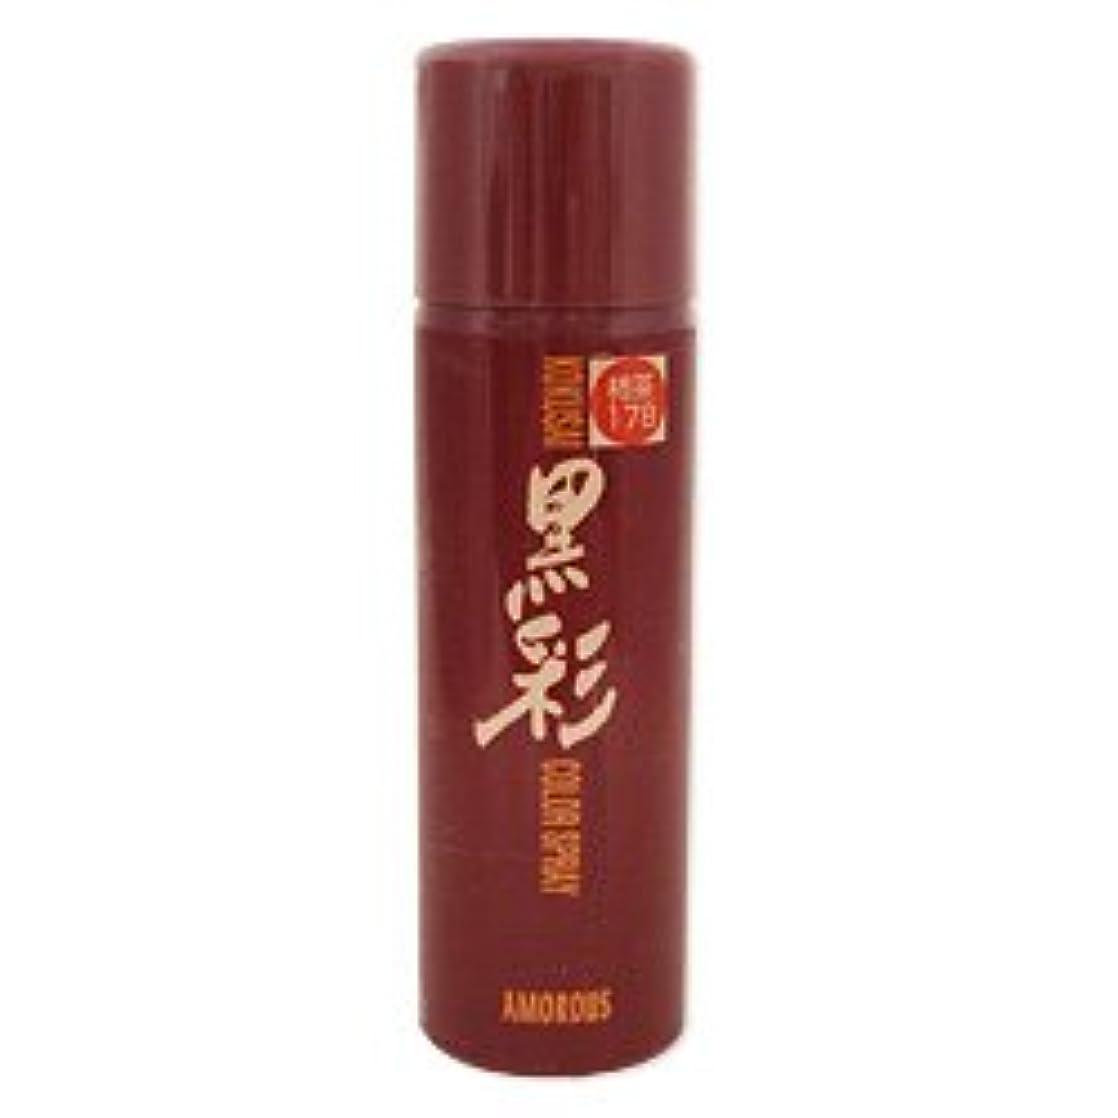 アモロス 黒彩ヘアカラースプレー 柿茶 178S 135ml